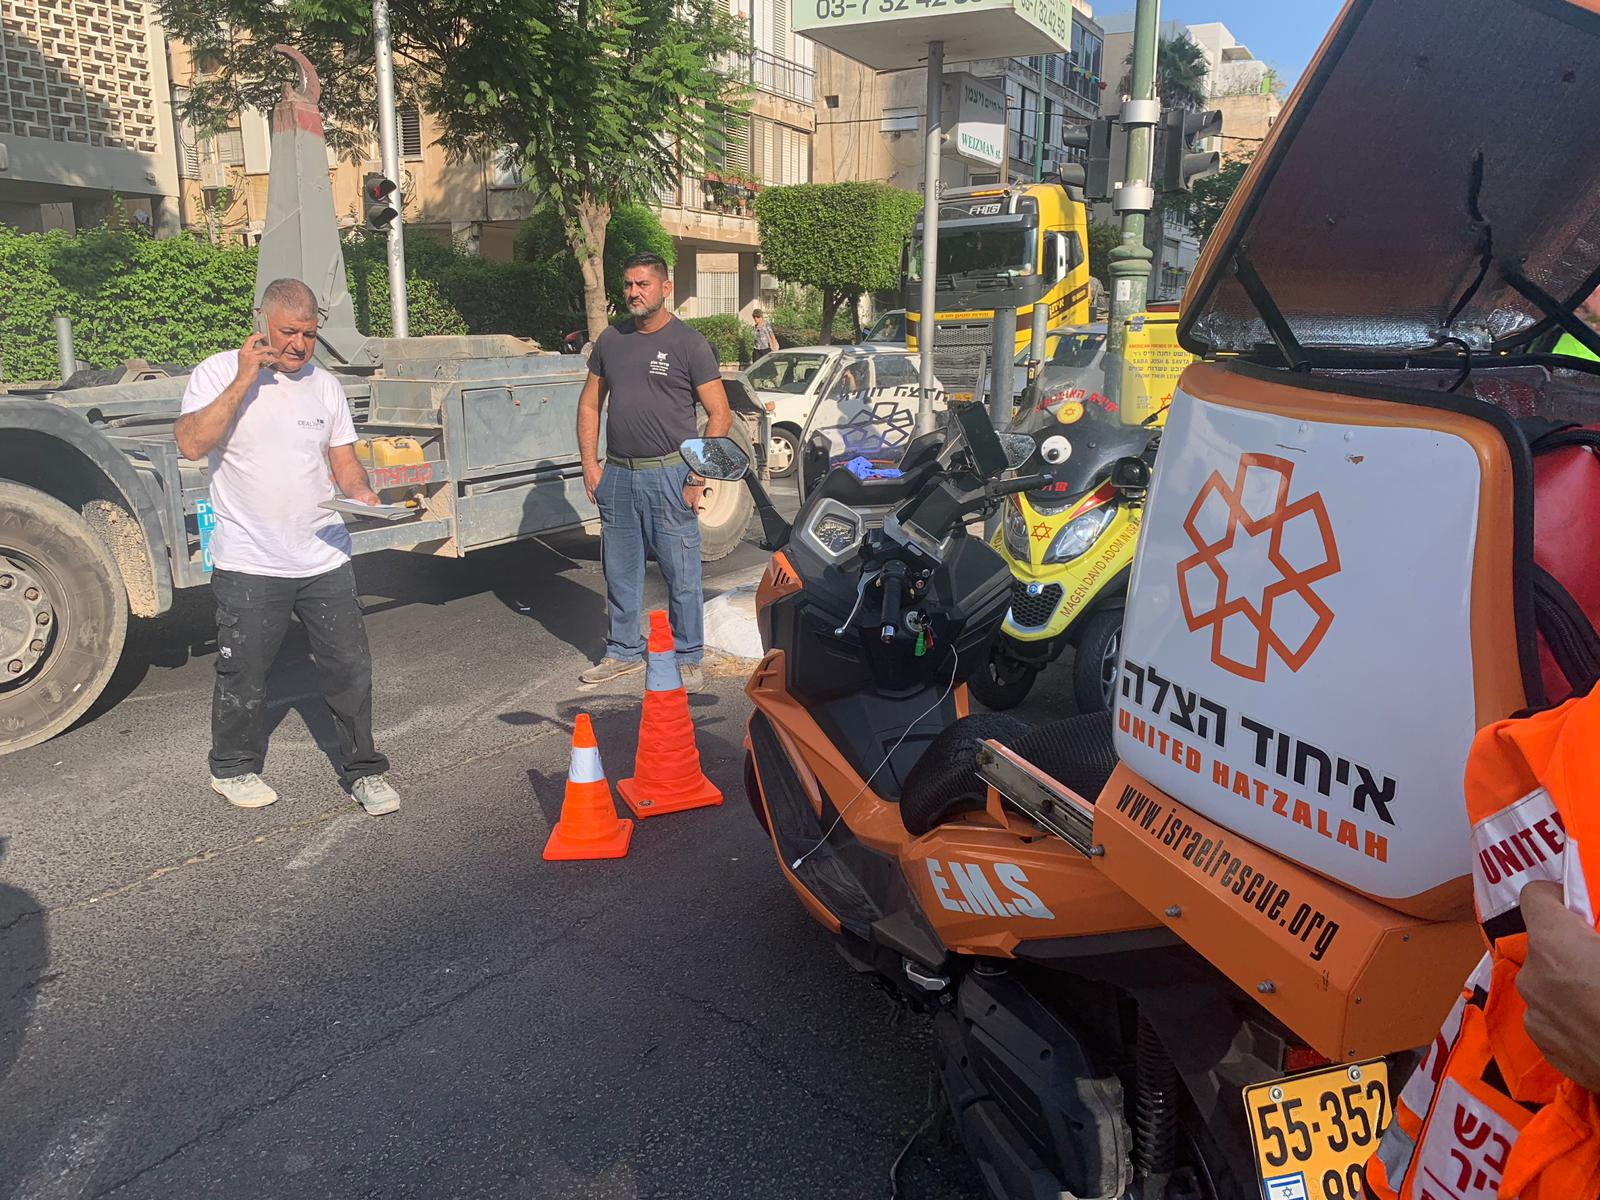 התאונה בוייצמן גבעתיים. המשאית לא הבחינה בכסא גלגלים? צילום: איחוד הצלה